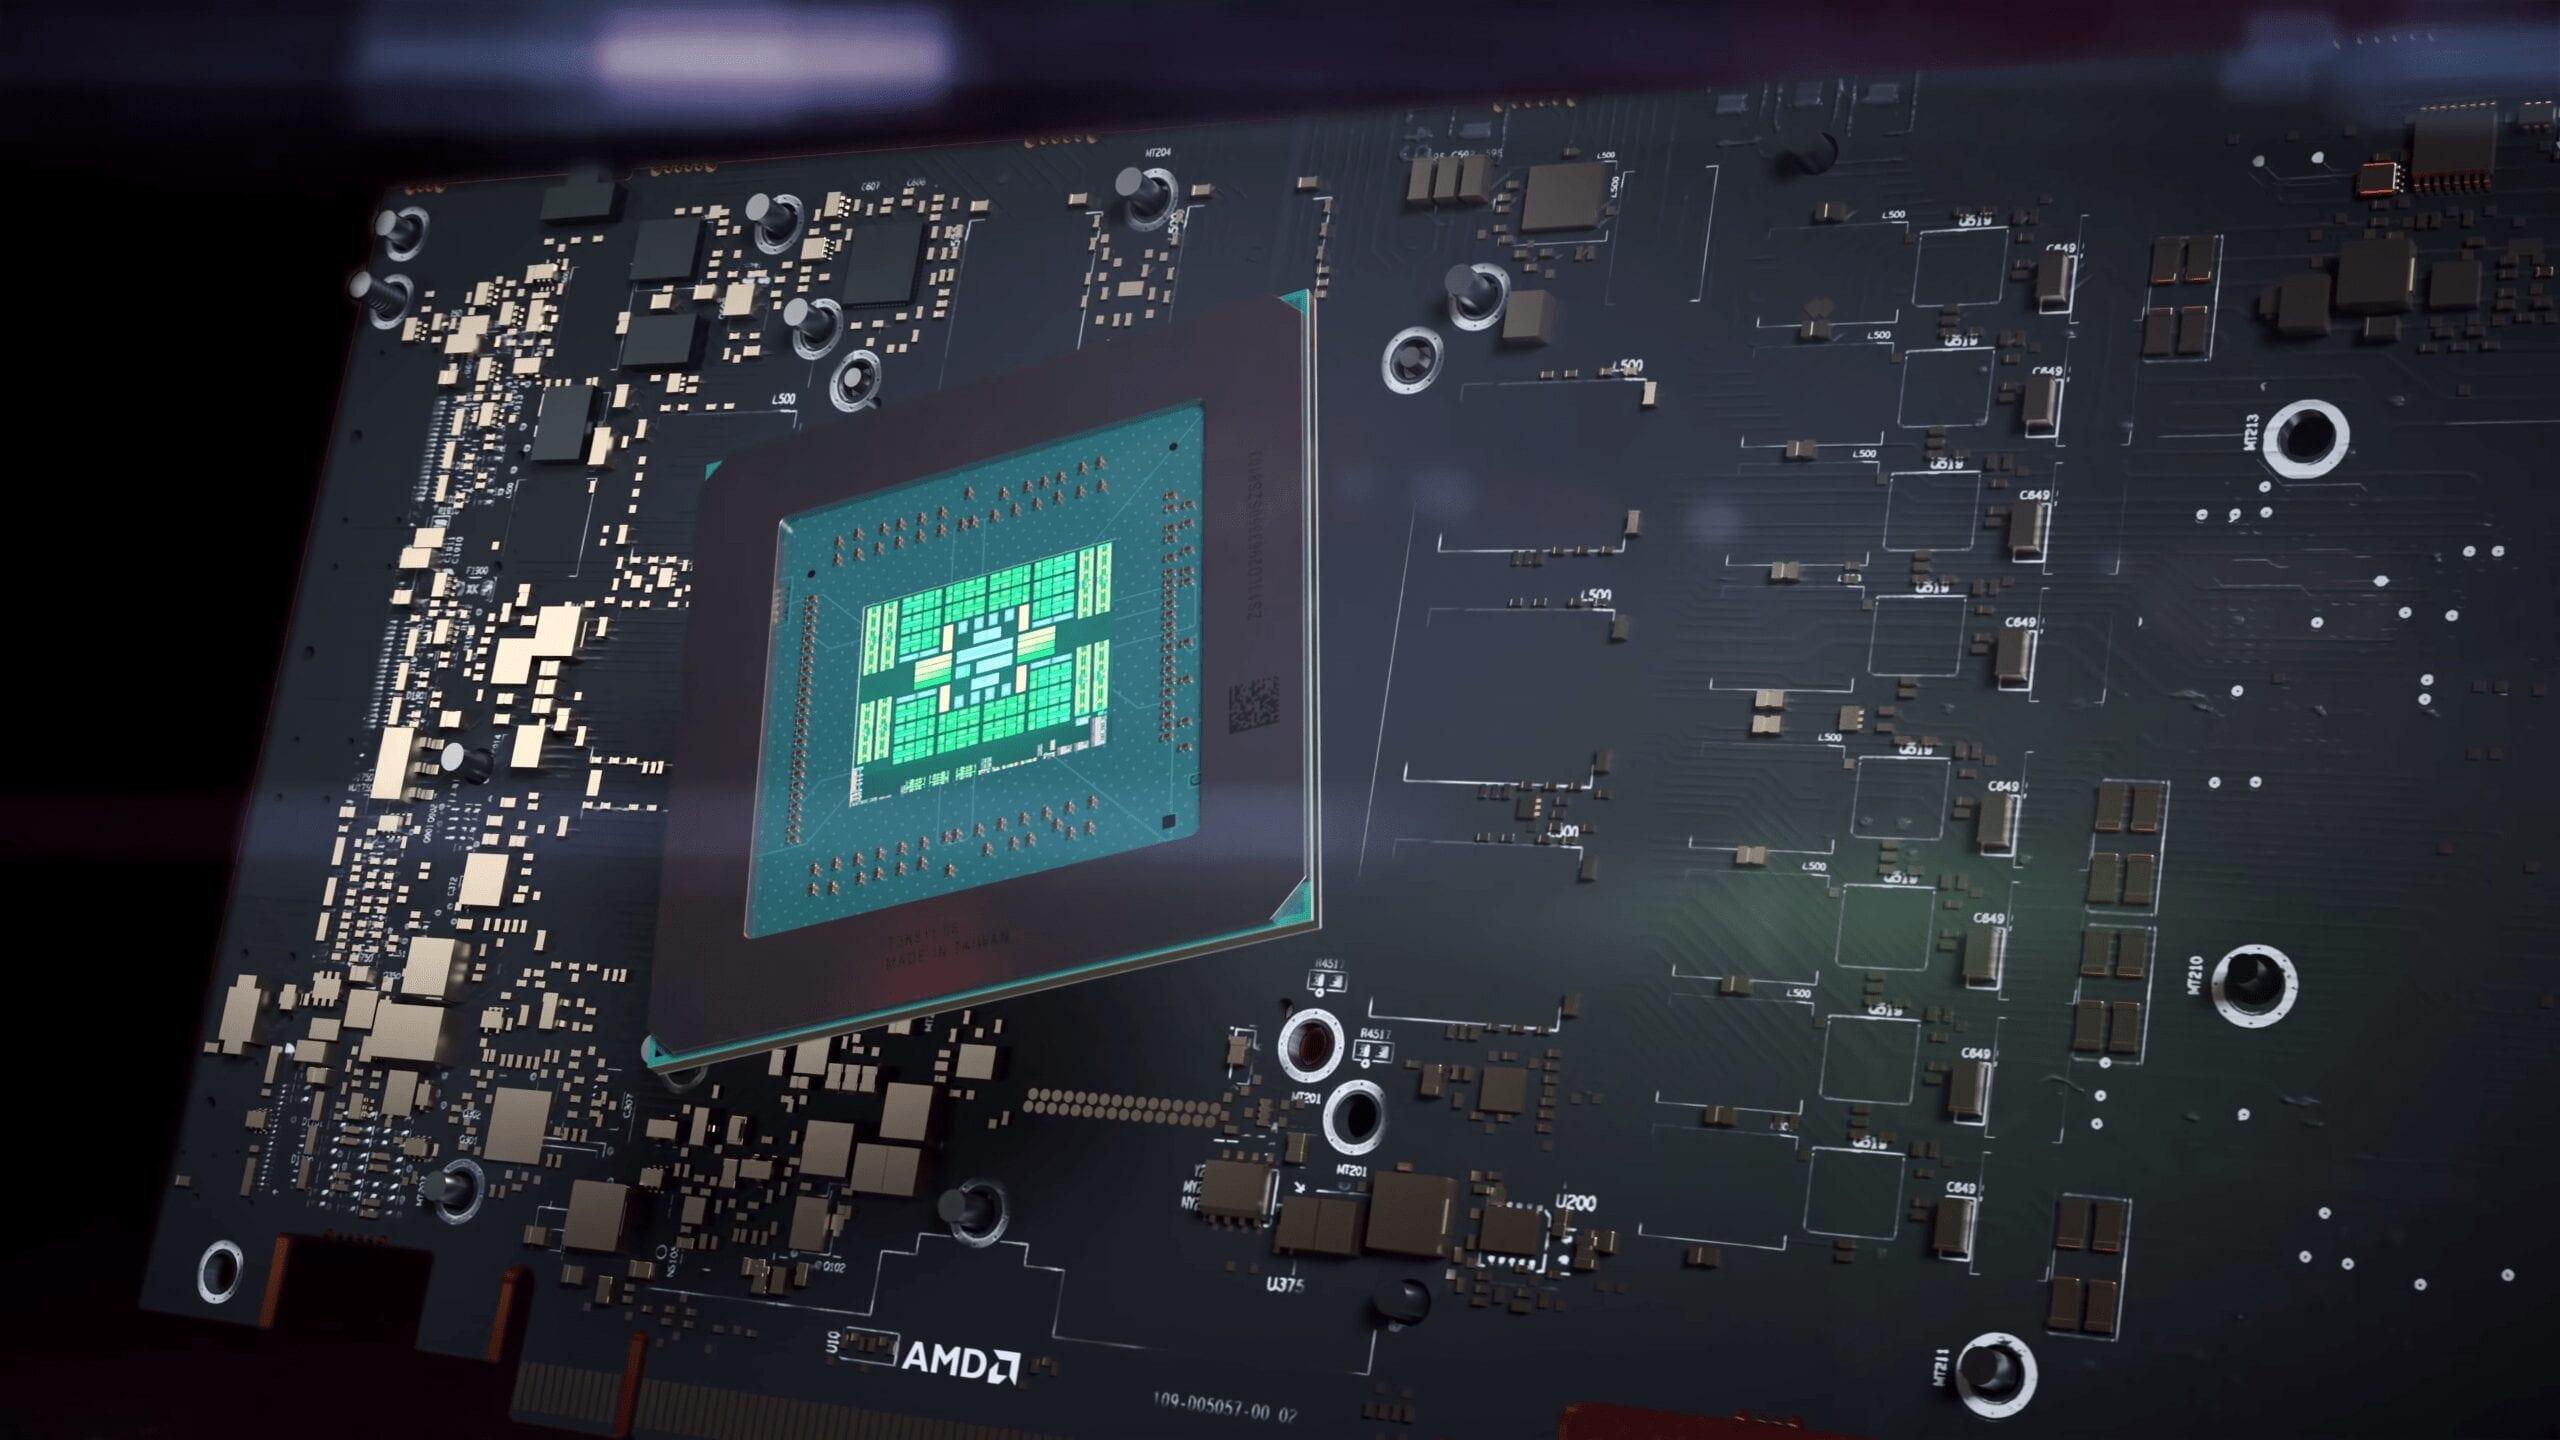 Splave вернул себе золото в дисциплине Geekbench3 модельного зачета AMD Ryzen 9 3900